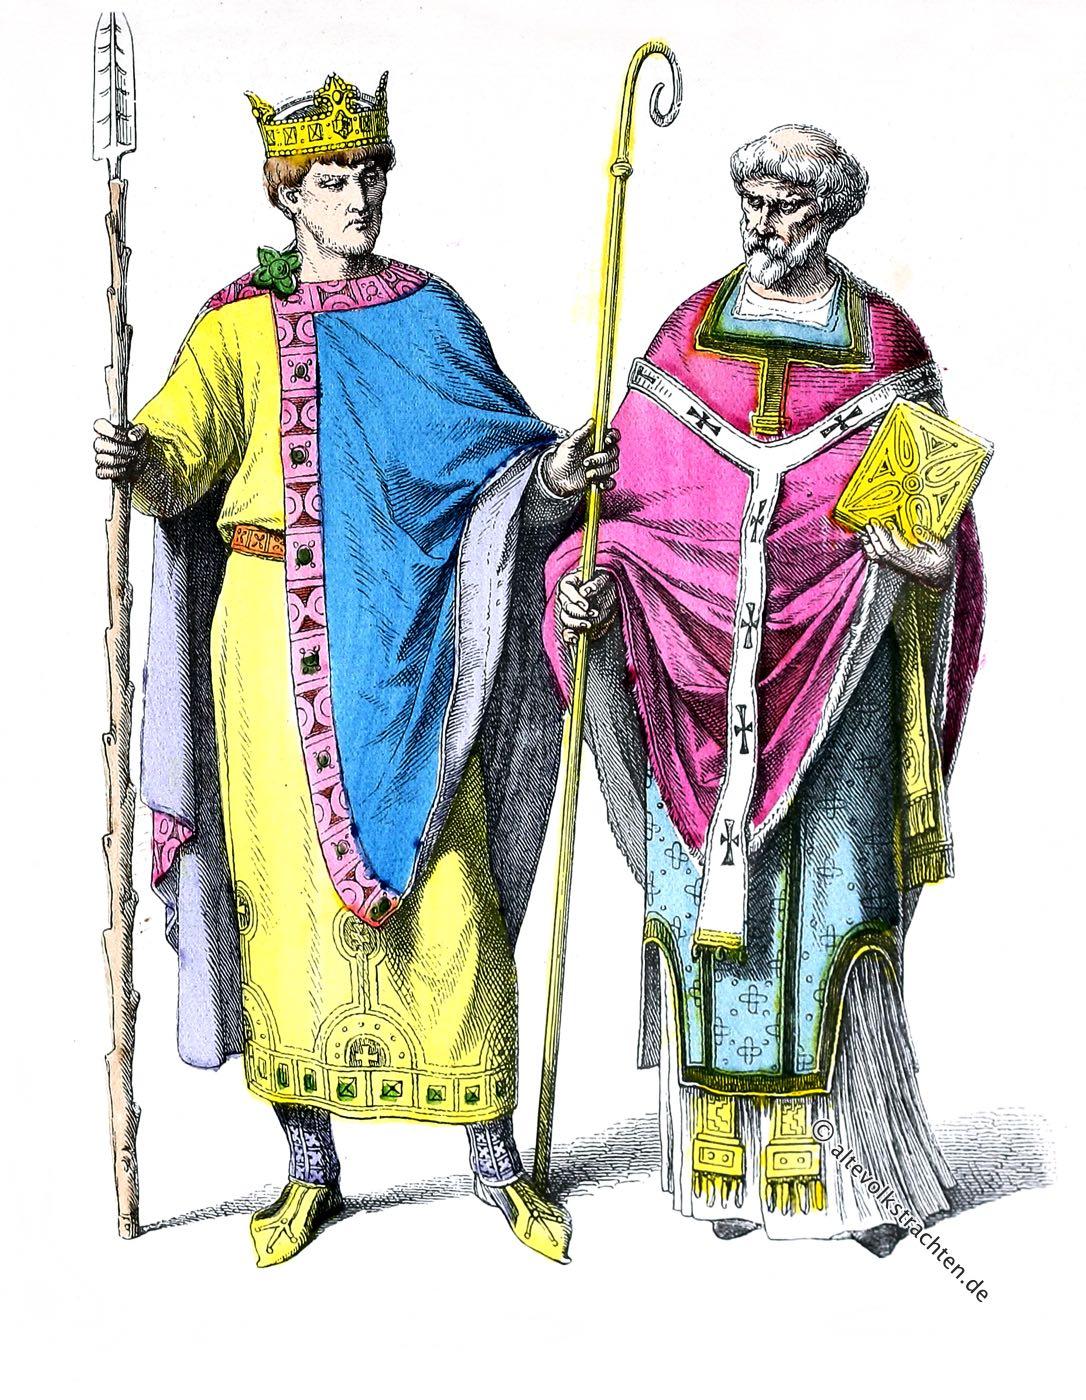 Münchener Bilderbogen, Kaiser, Heinrich II, Fränkischer Bischof, Kostüm, Byzantinisch, Ottonen